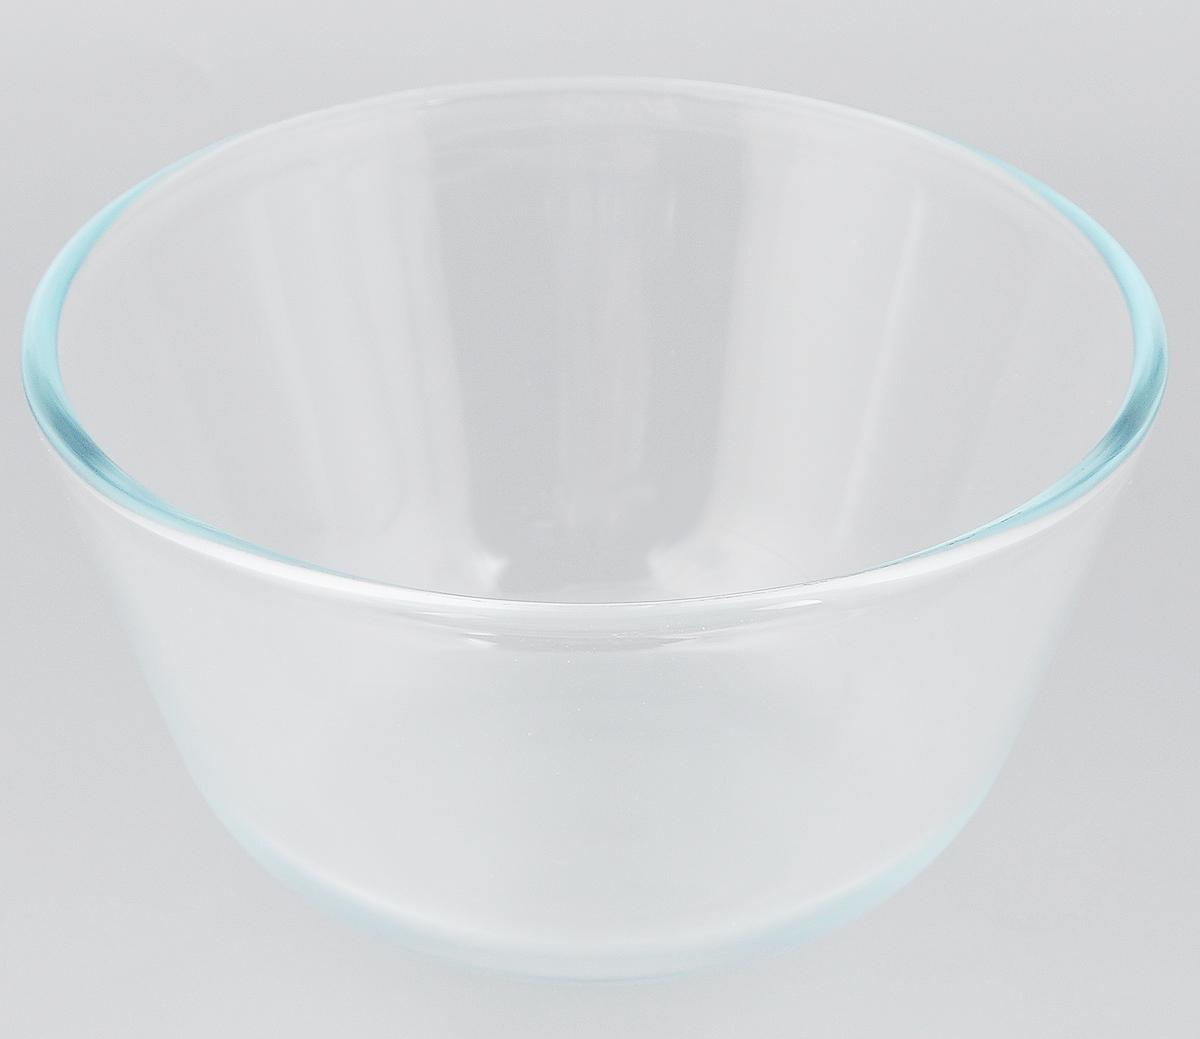 Миска VGP, 1,25 л597Миска VGP изготовлена из термостойкого и экологически чистого стекла. Предназначена для приготовления пищи в духовке, жарочном шкафу и микроволновой печи. Миска прекрасно подойдет для хранения и замораживания различных продуктов, а также для сервировки и декоративного оформления праздничного стола. Миска VGP станет незаменимым аксессуаром на кухне для любой хозяйки. Можно мыть в посудомоечной машине. Высота стенки: 9,5 см. Диаметр миски (по верхнему краю): 17 см.